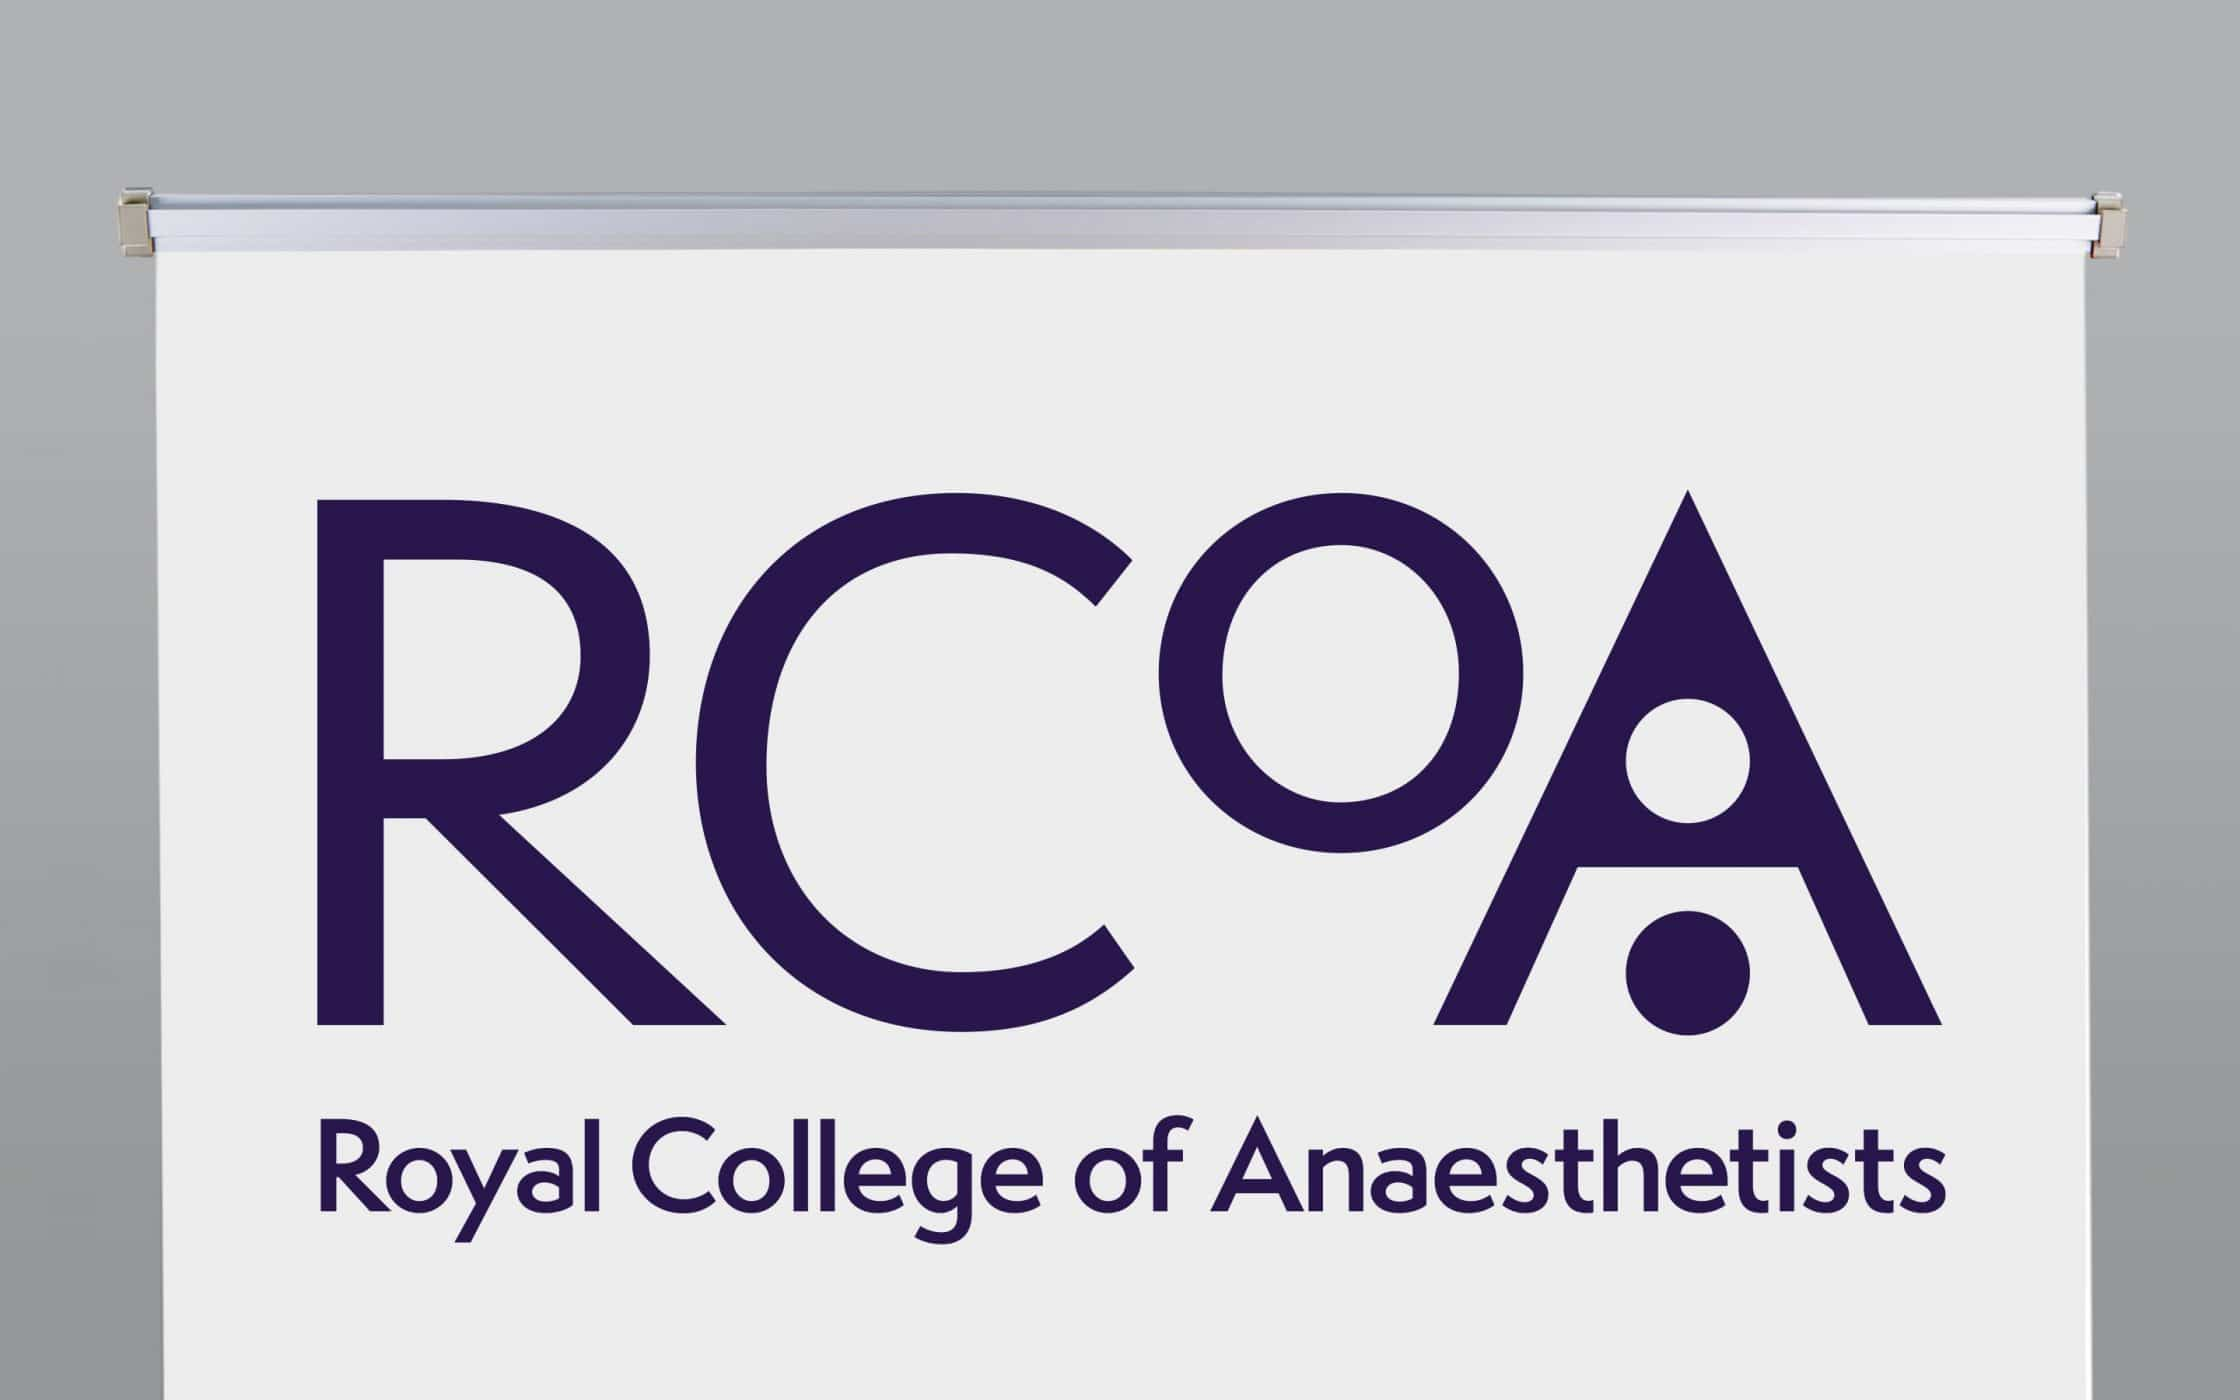 RCoA Branding